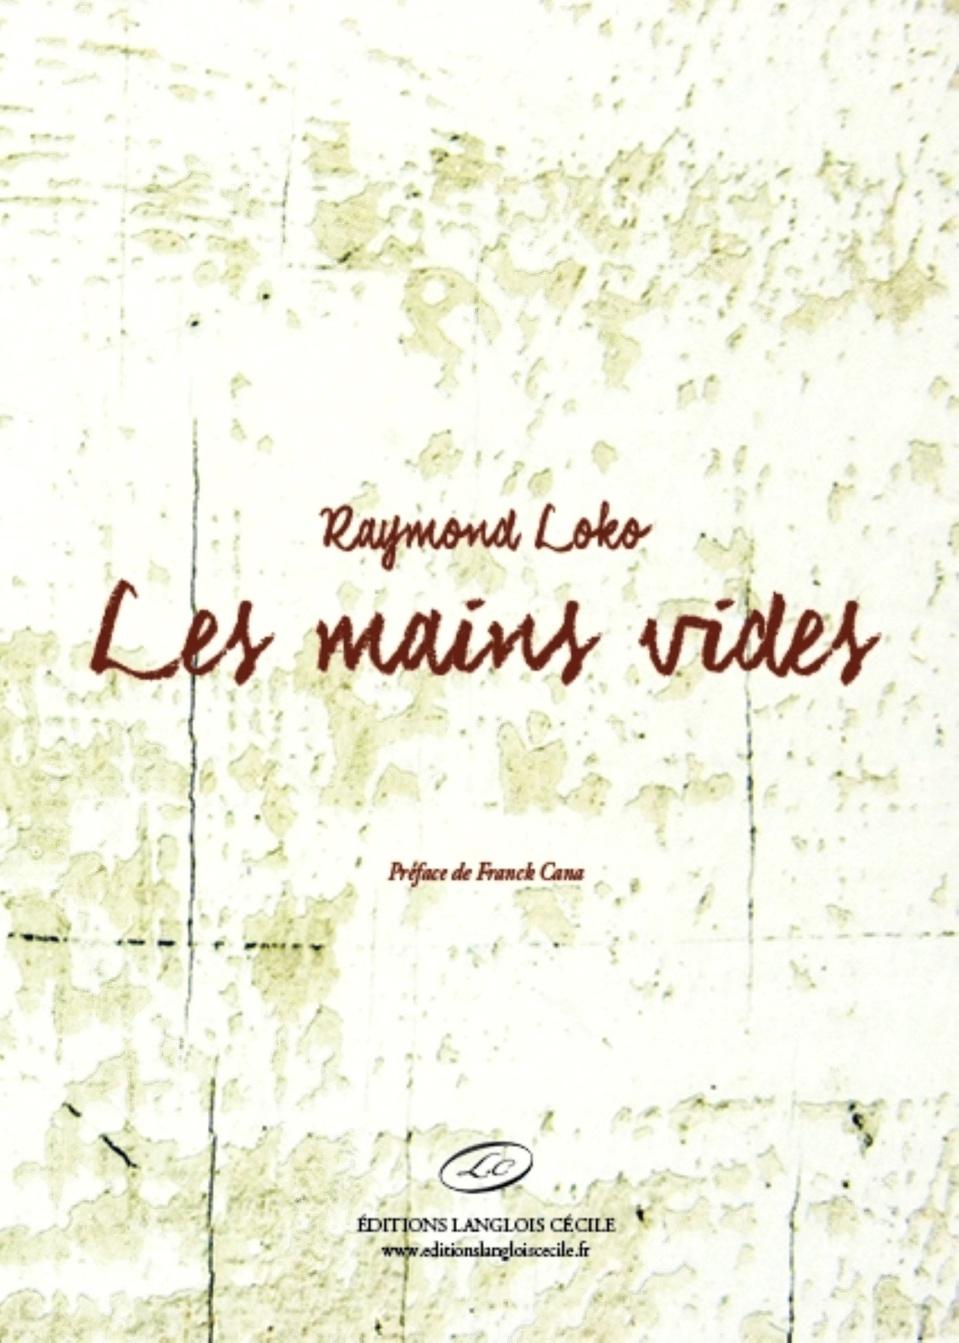 LIVRE: Le roman «Les mains vides » de Raymond Loko nous conduit dans les drames de la séparation